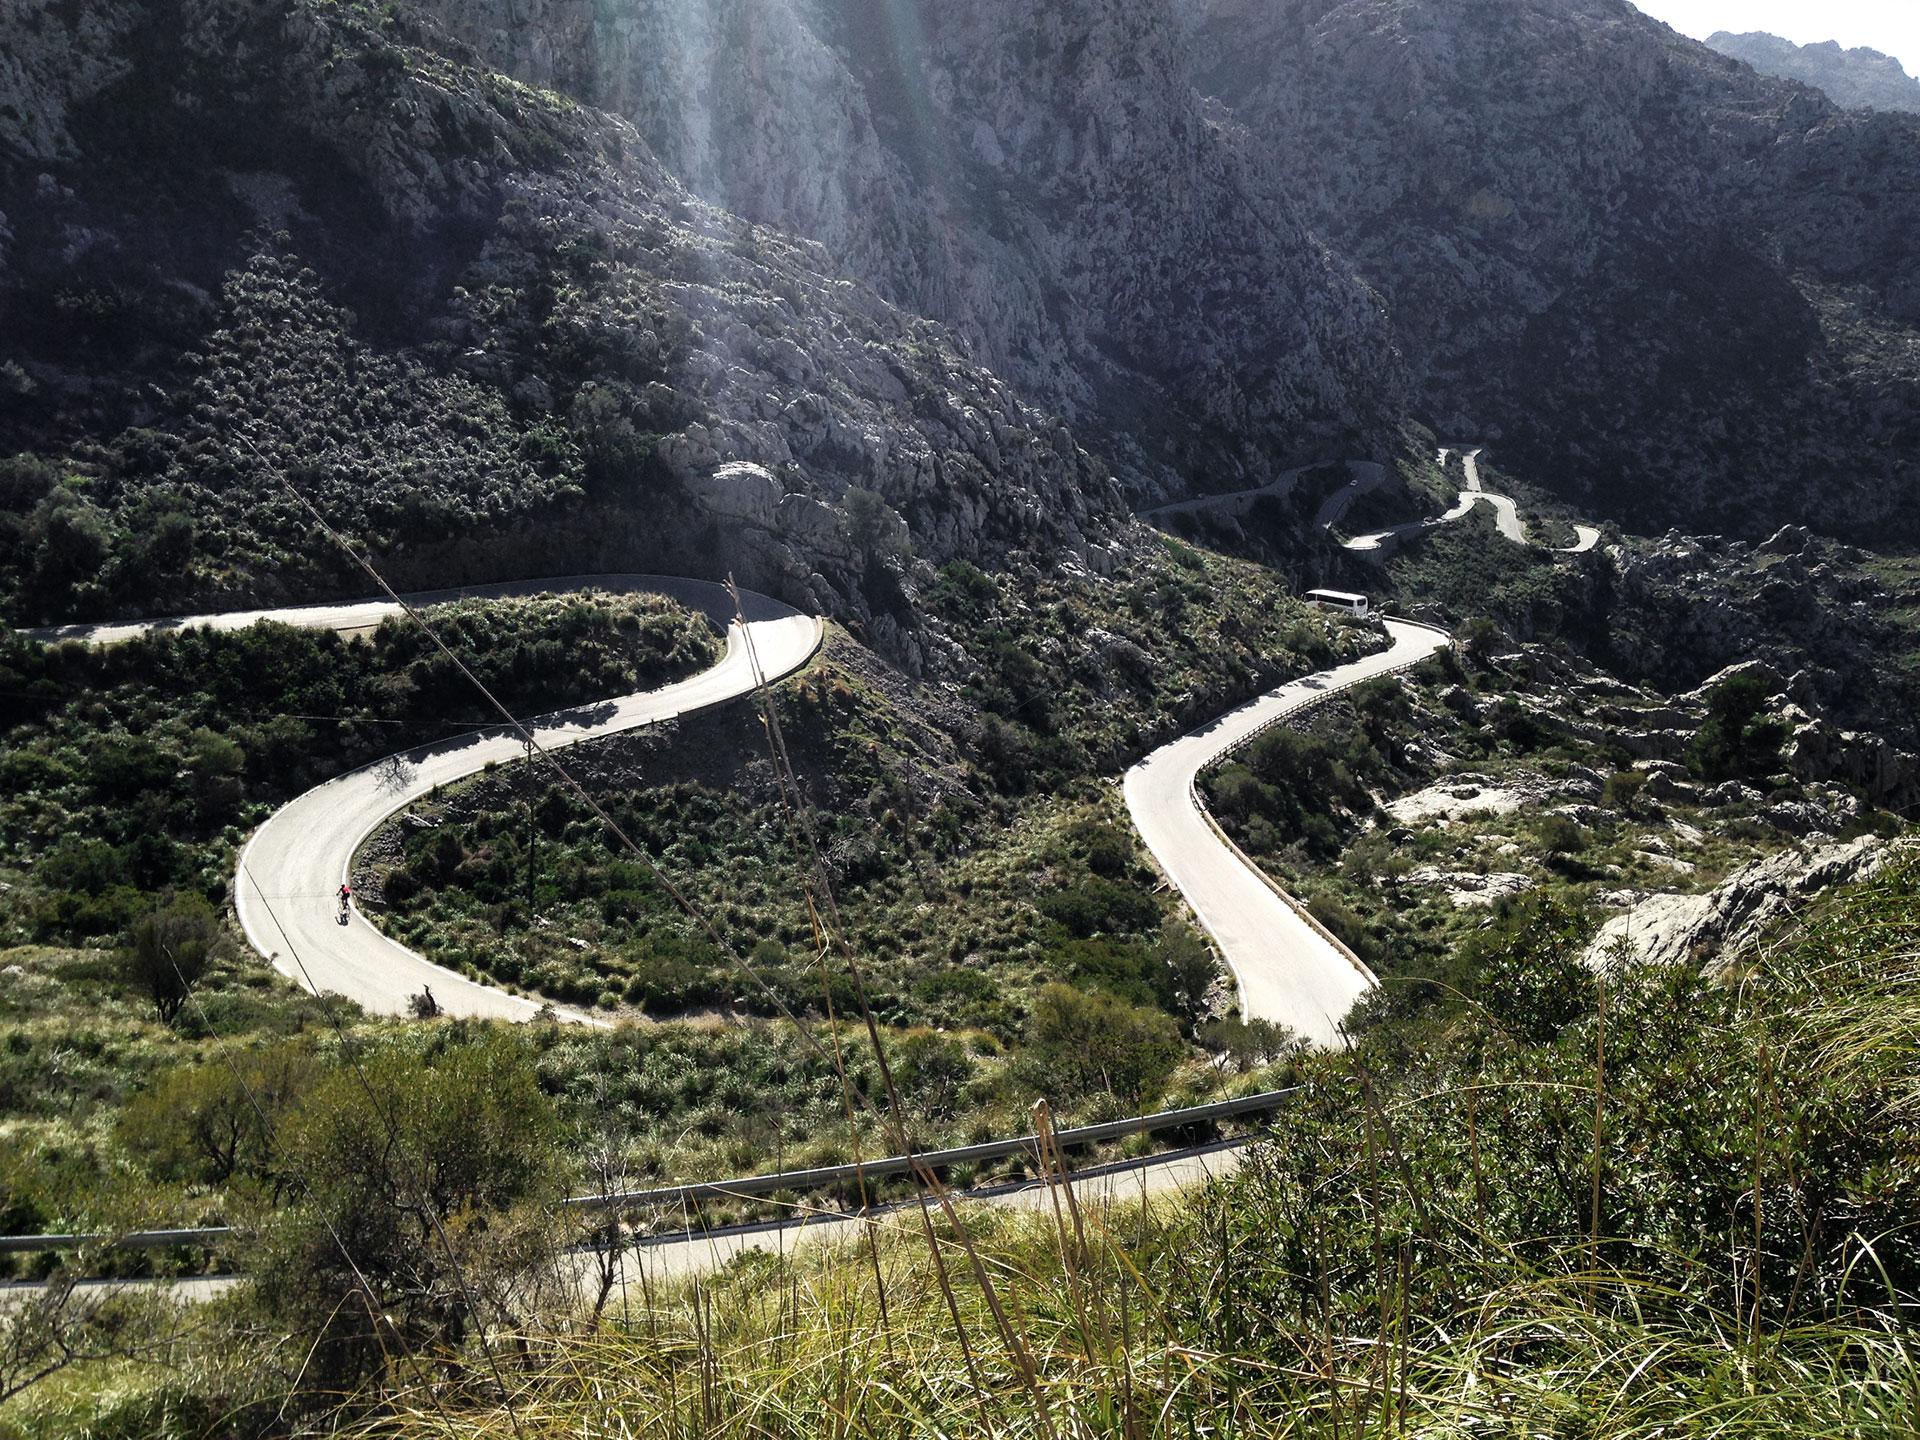 IRONMAN VICHY 2017 The Making of an Ironman Triathlete / Die Cobra von Sa Calobra - wie eine Schlange windet sich die Straße entlang der Berge vom Port Calobra hinauf zum Coll dels Reis © Stefan Drexl